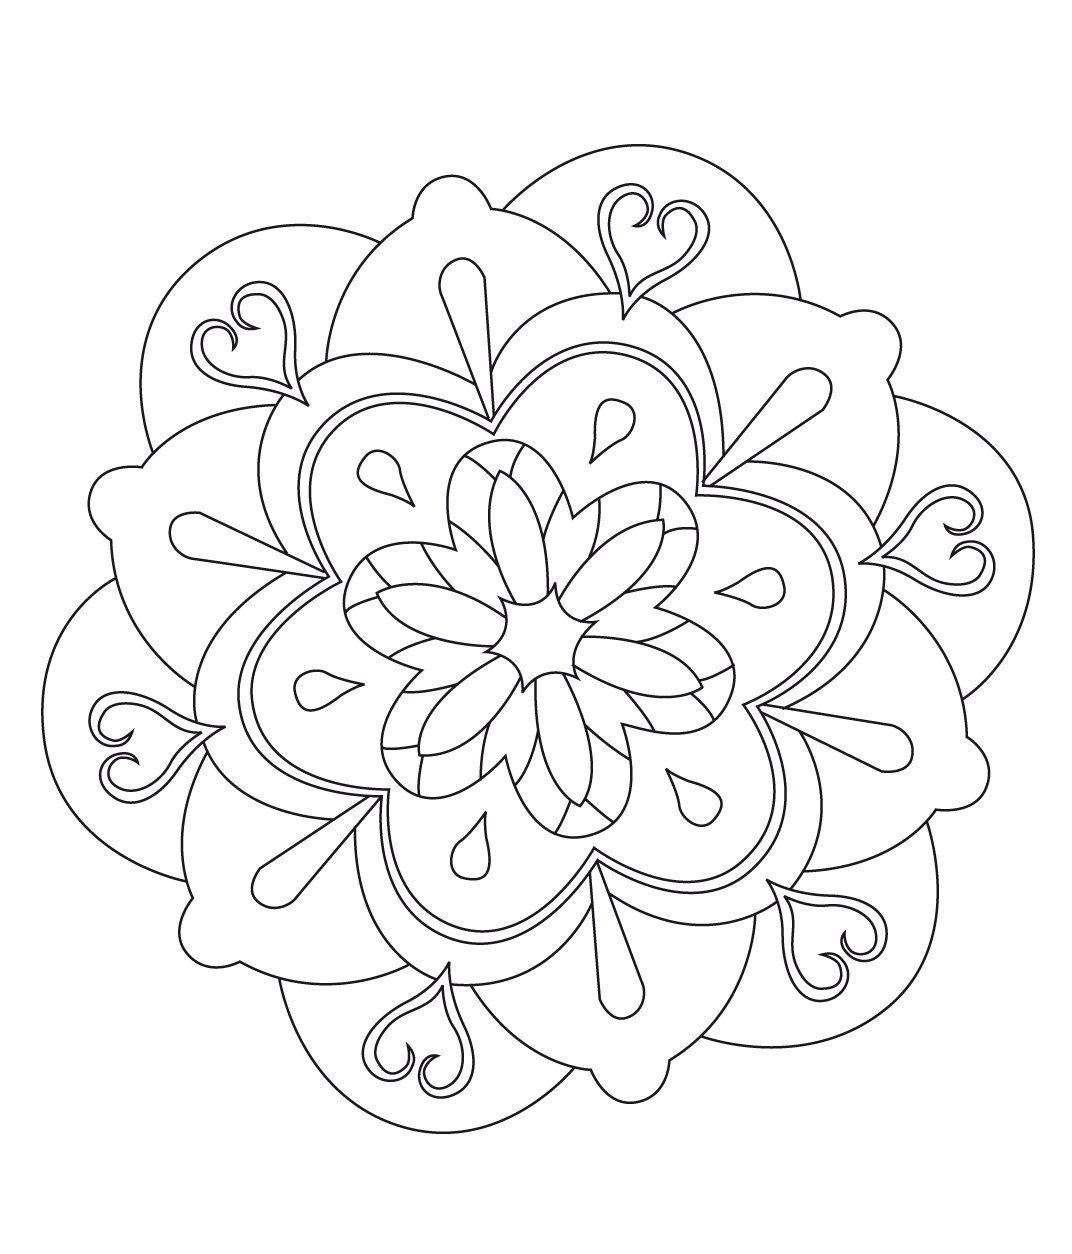 Stci coloriage pour adultes et enfants mandalas mandalas mandala coloring pages mandala - Mandala adulte ...